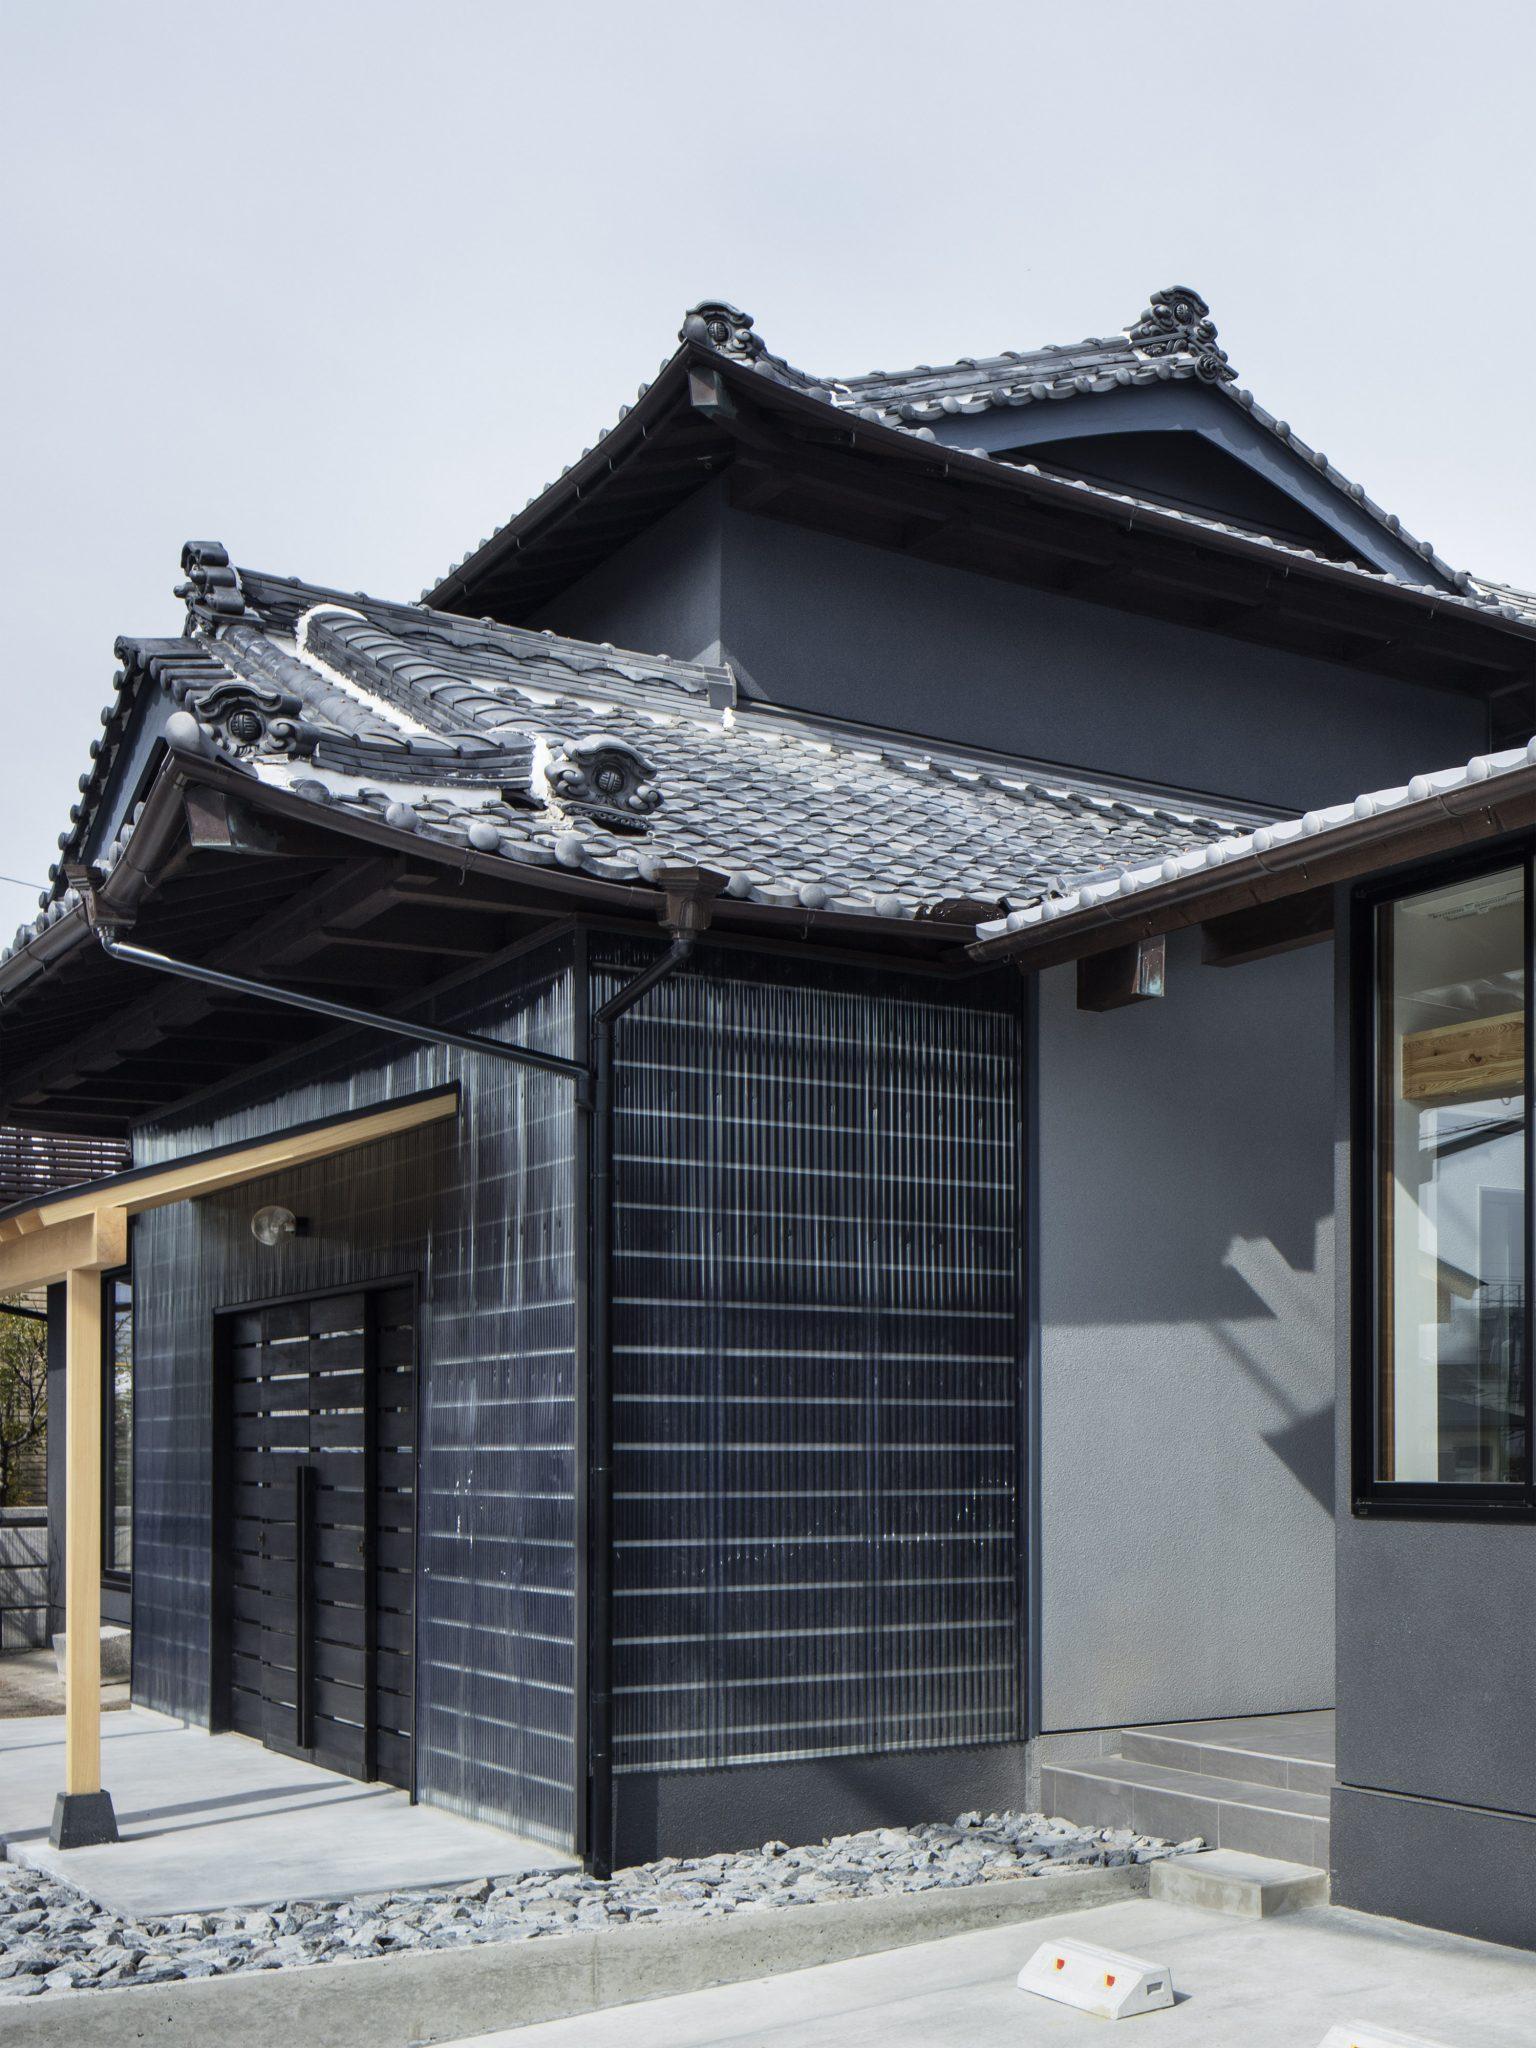 御殿の住宅 -リノベーション-|Residence in Goten by the renovation-180228_0101_01